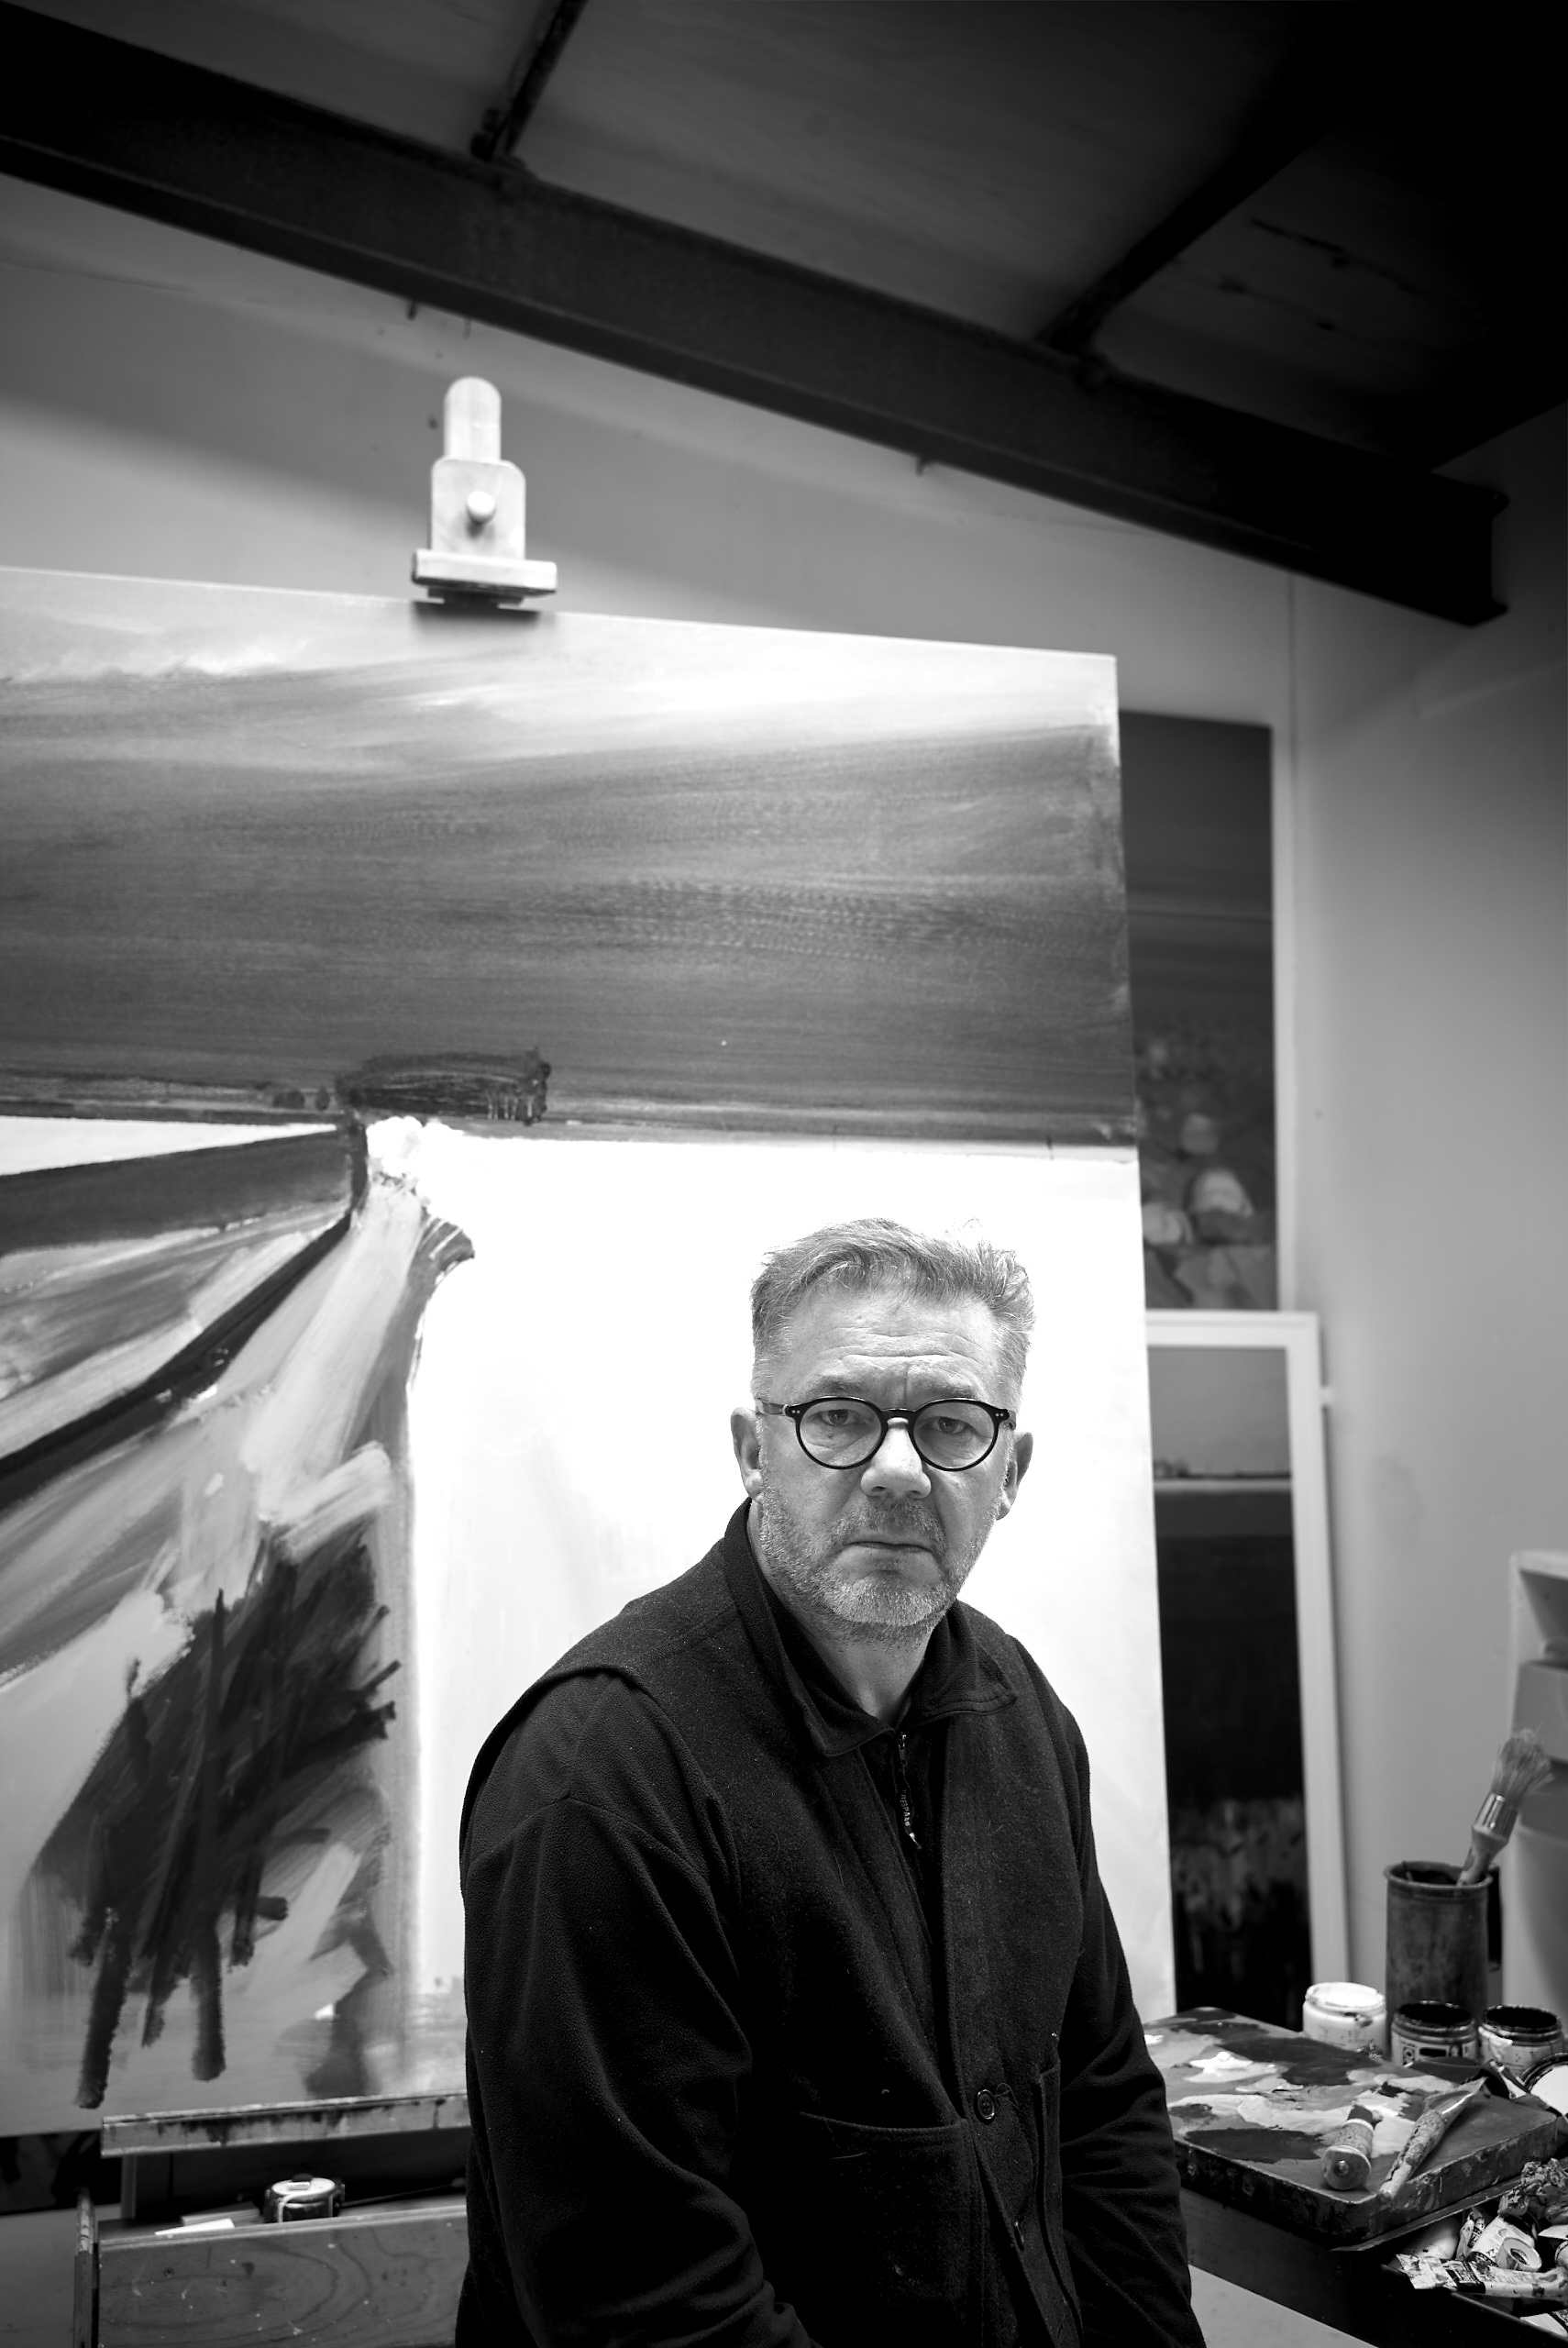 Portrait by Julian Anderson